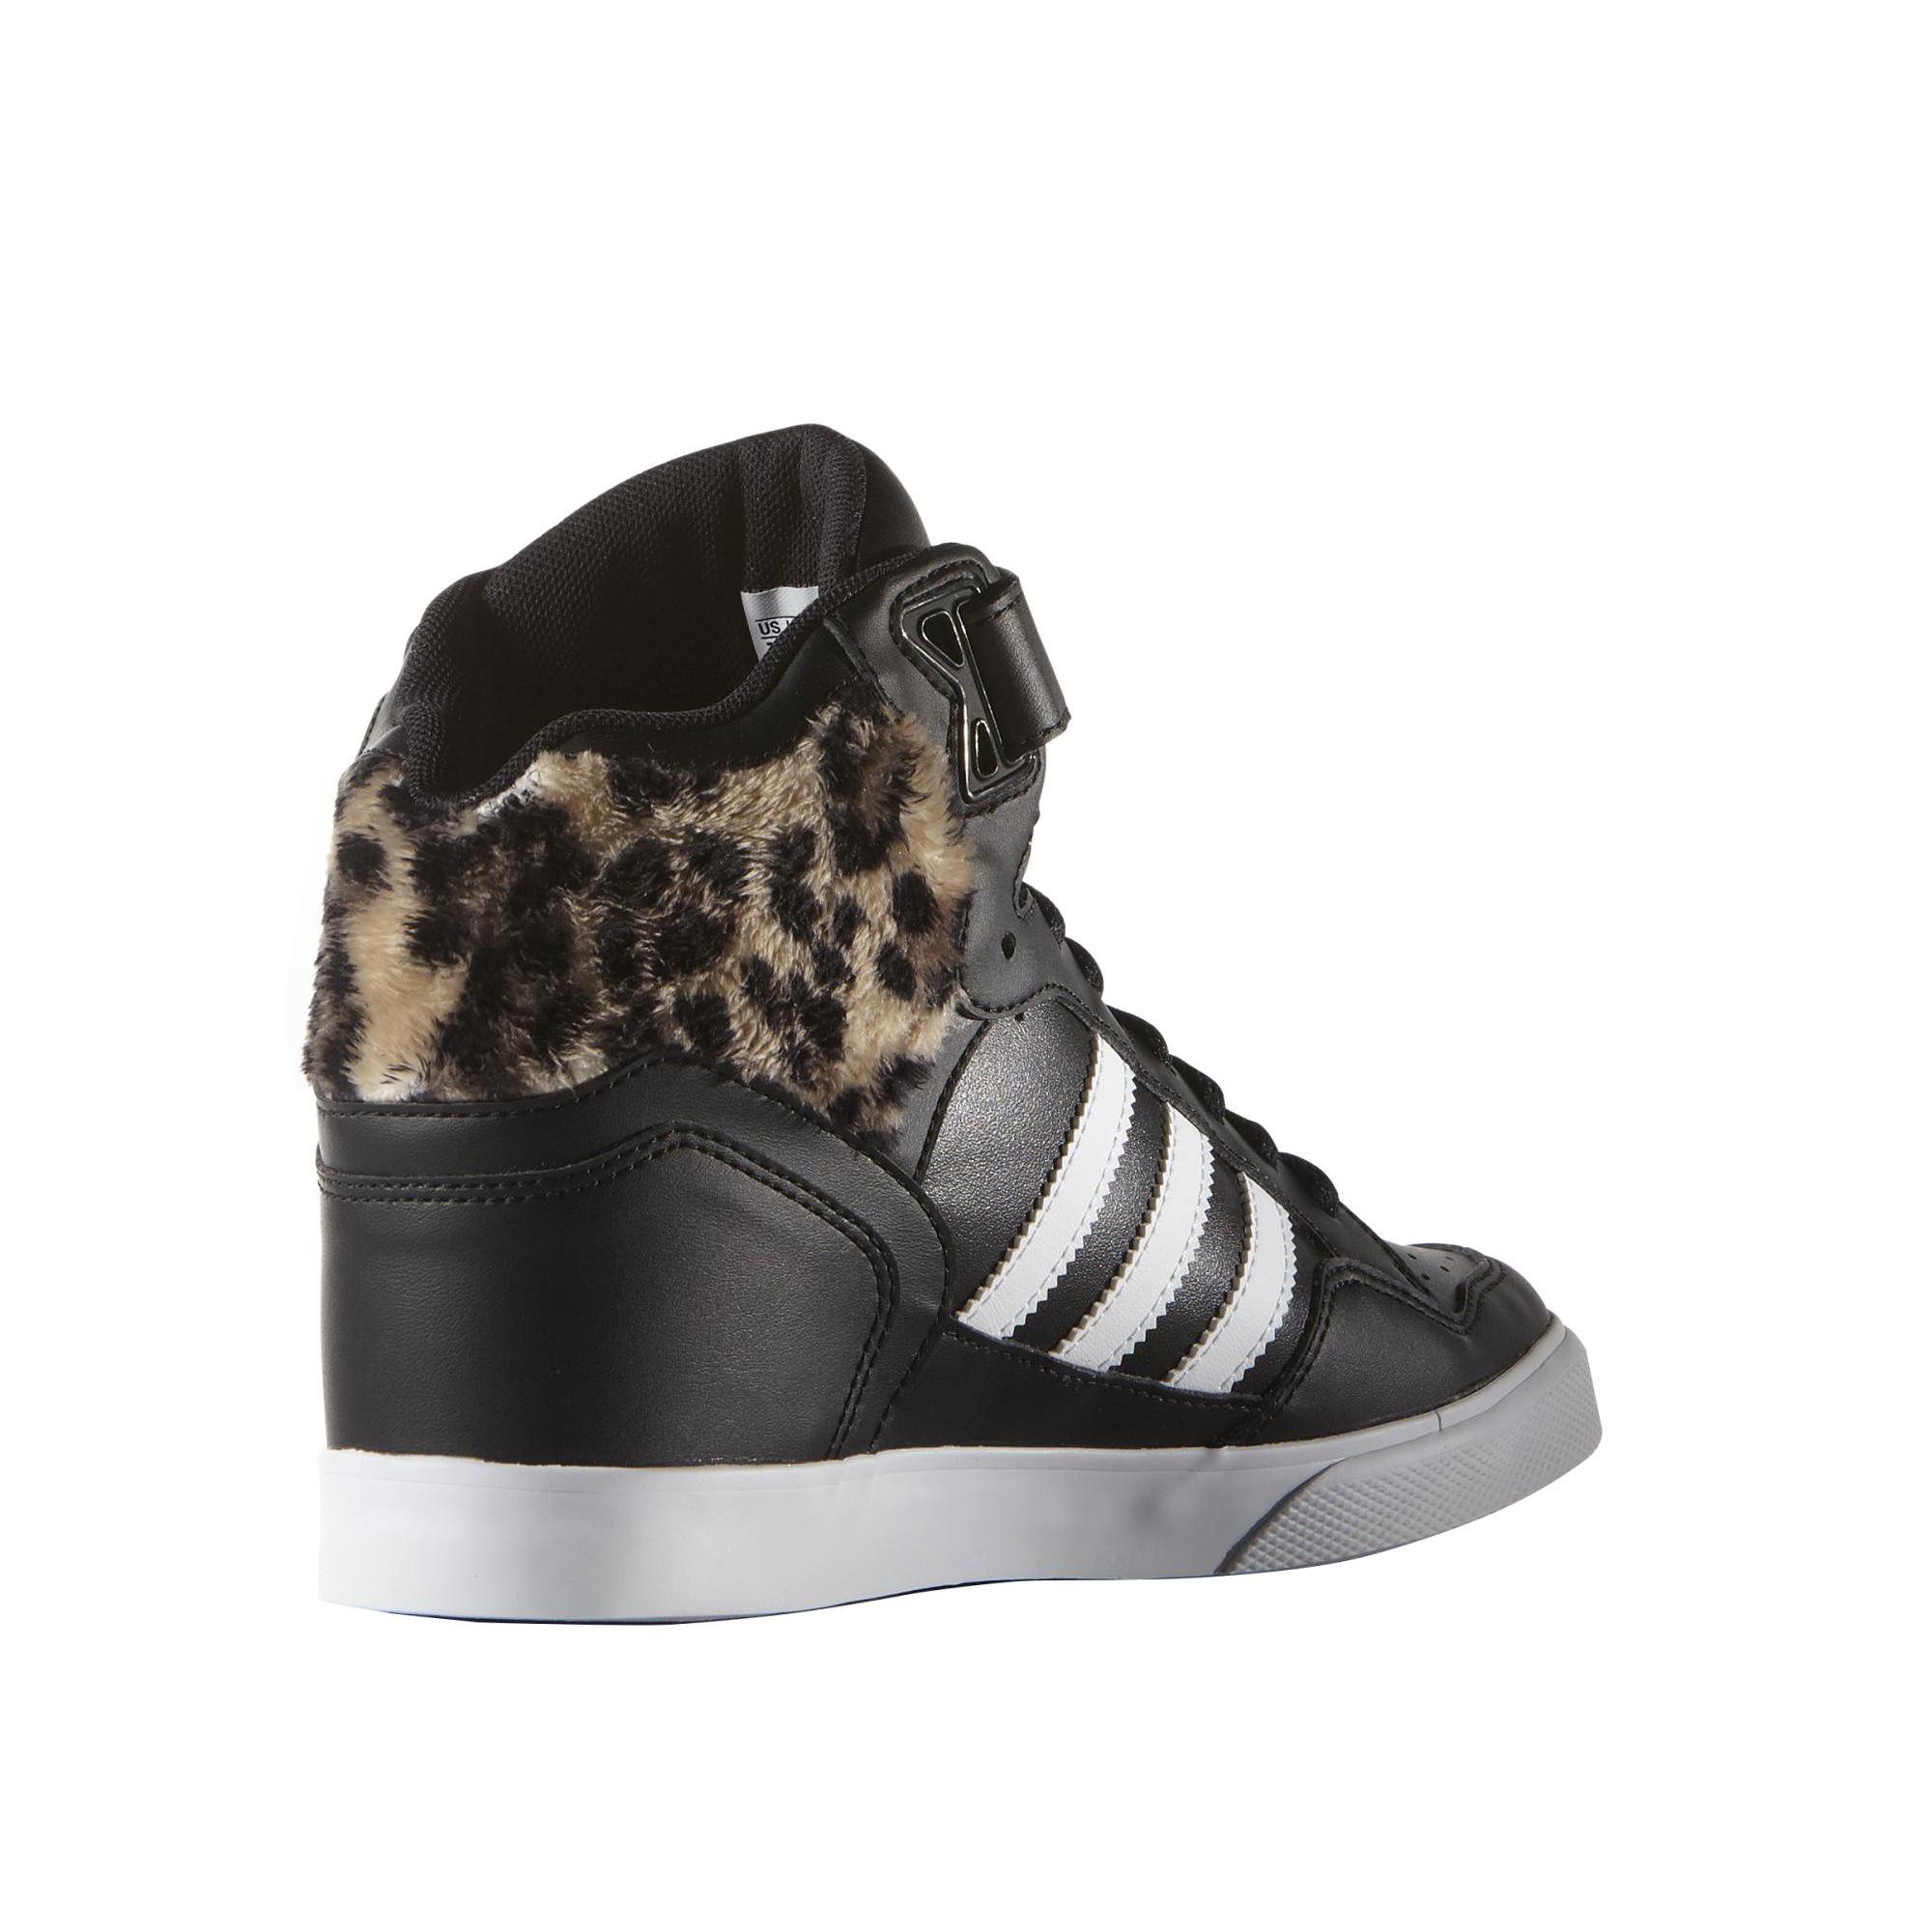 quality design bc2fc 3bca9 Adidas Originals Extaball Up W